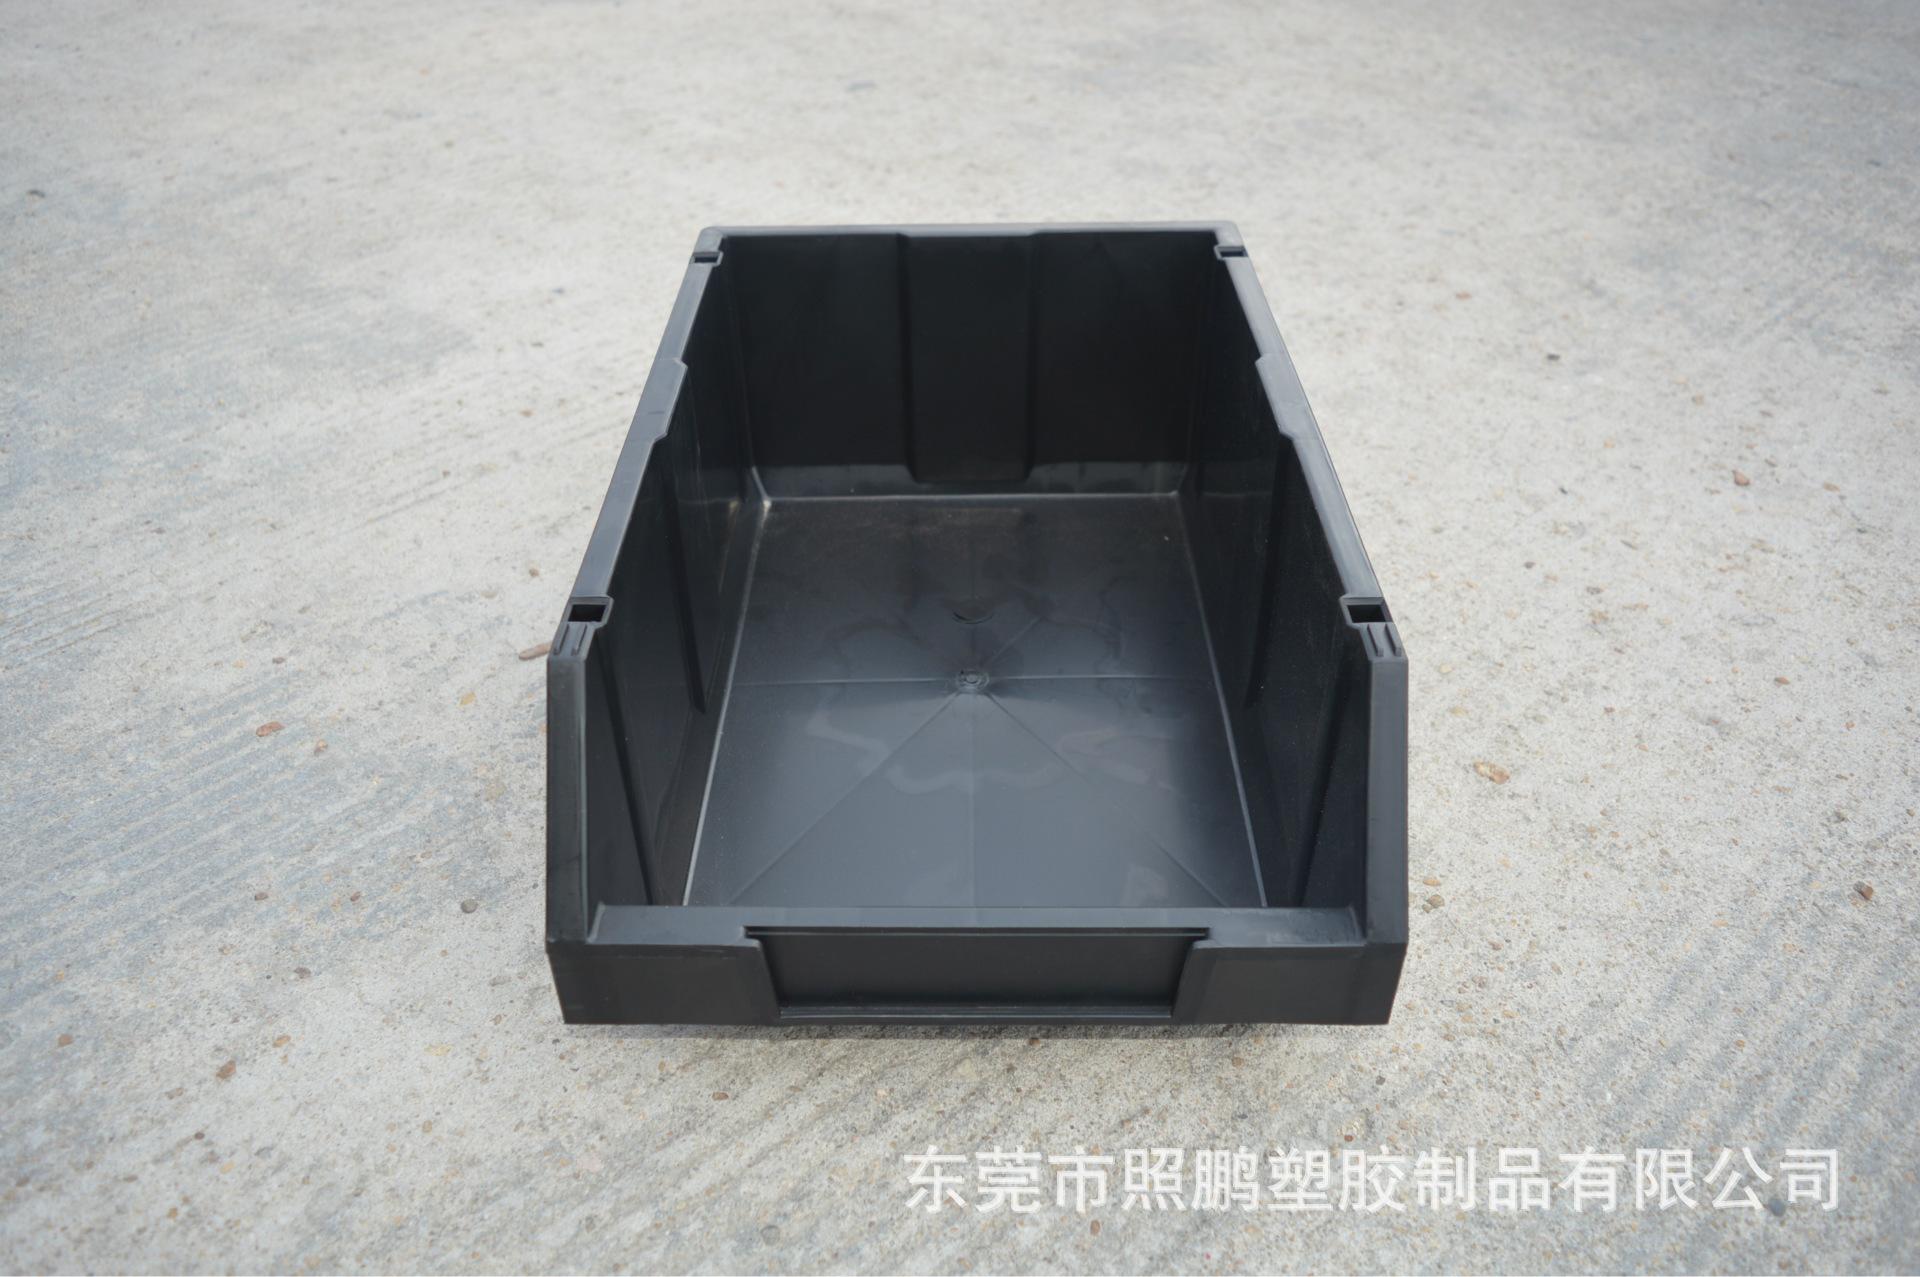 斜口可组合零件盒 带支架斜口物料盒 插柱塑料盒 ?#23548;?#21608;转防静电